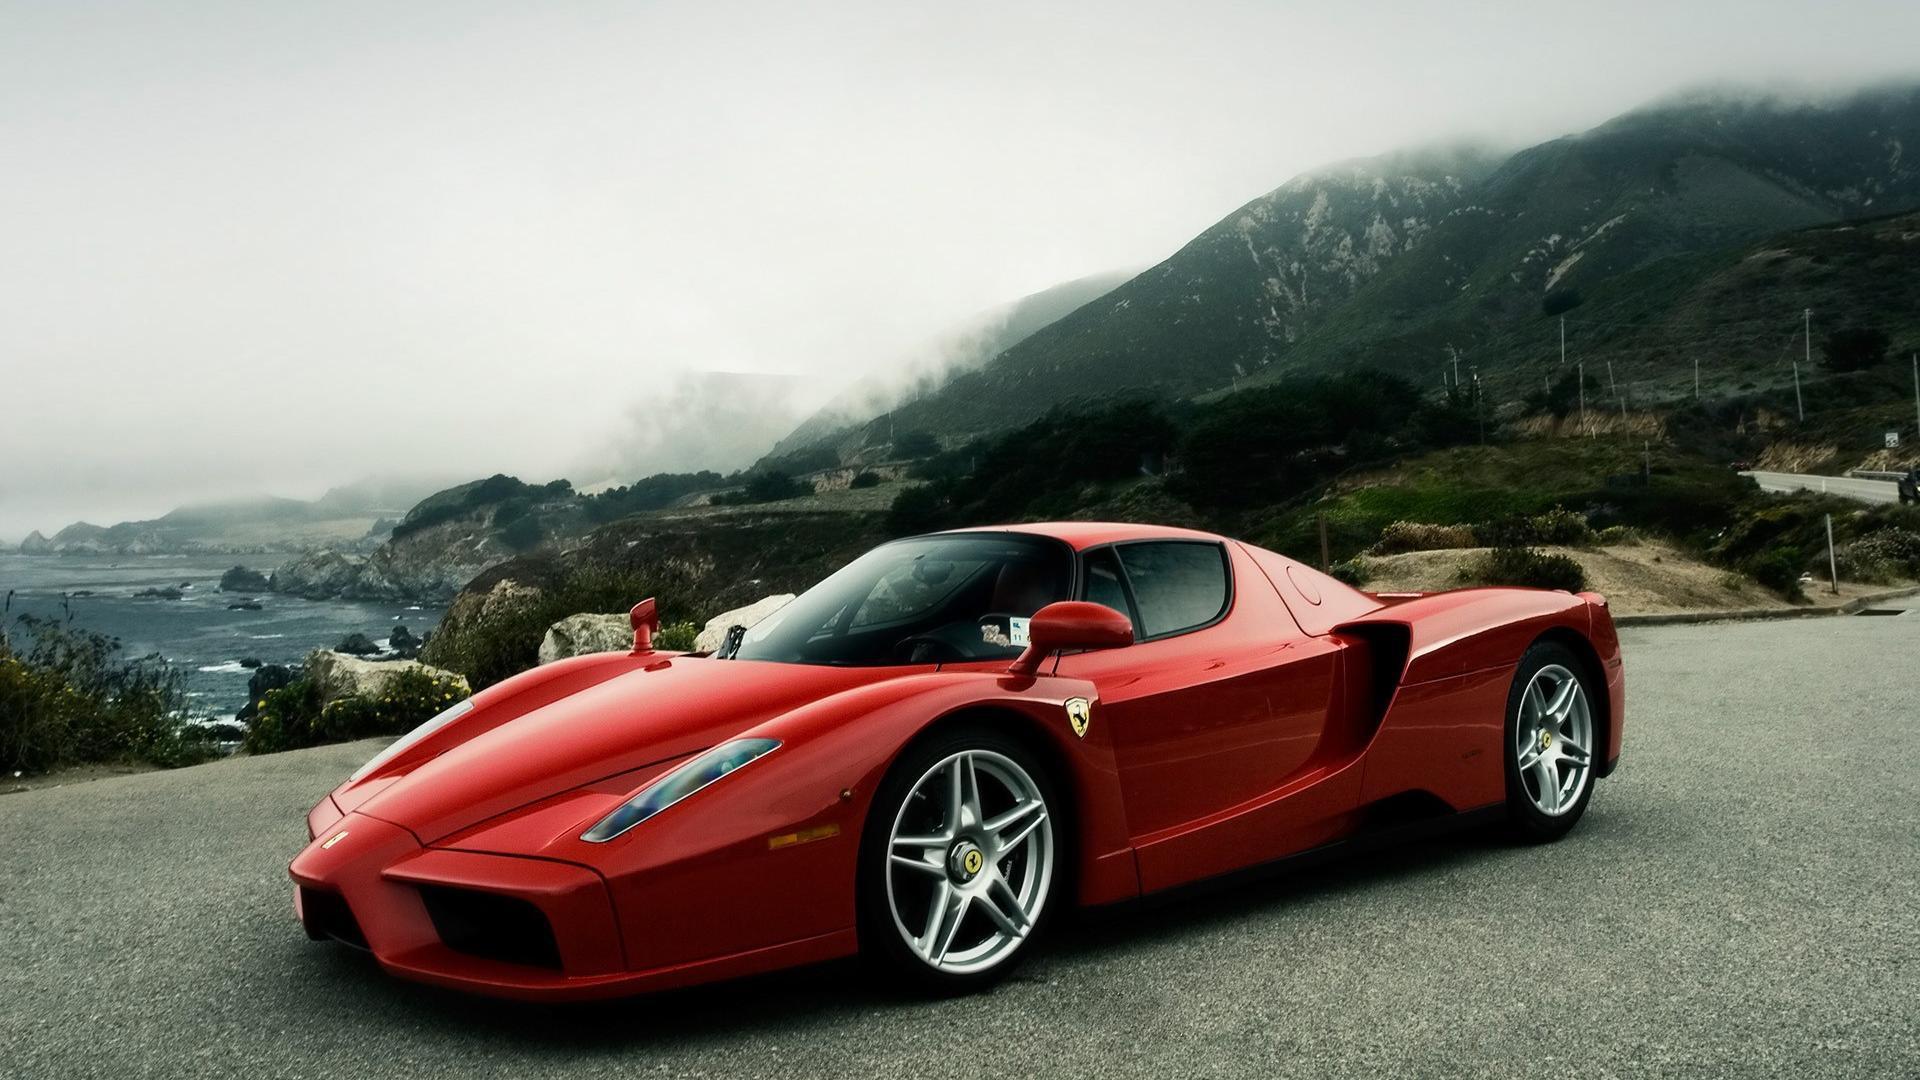 Ferrari Enzo 2017 Wallpapers Wallpaper Cave